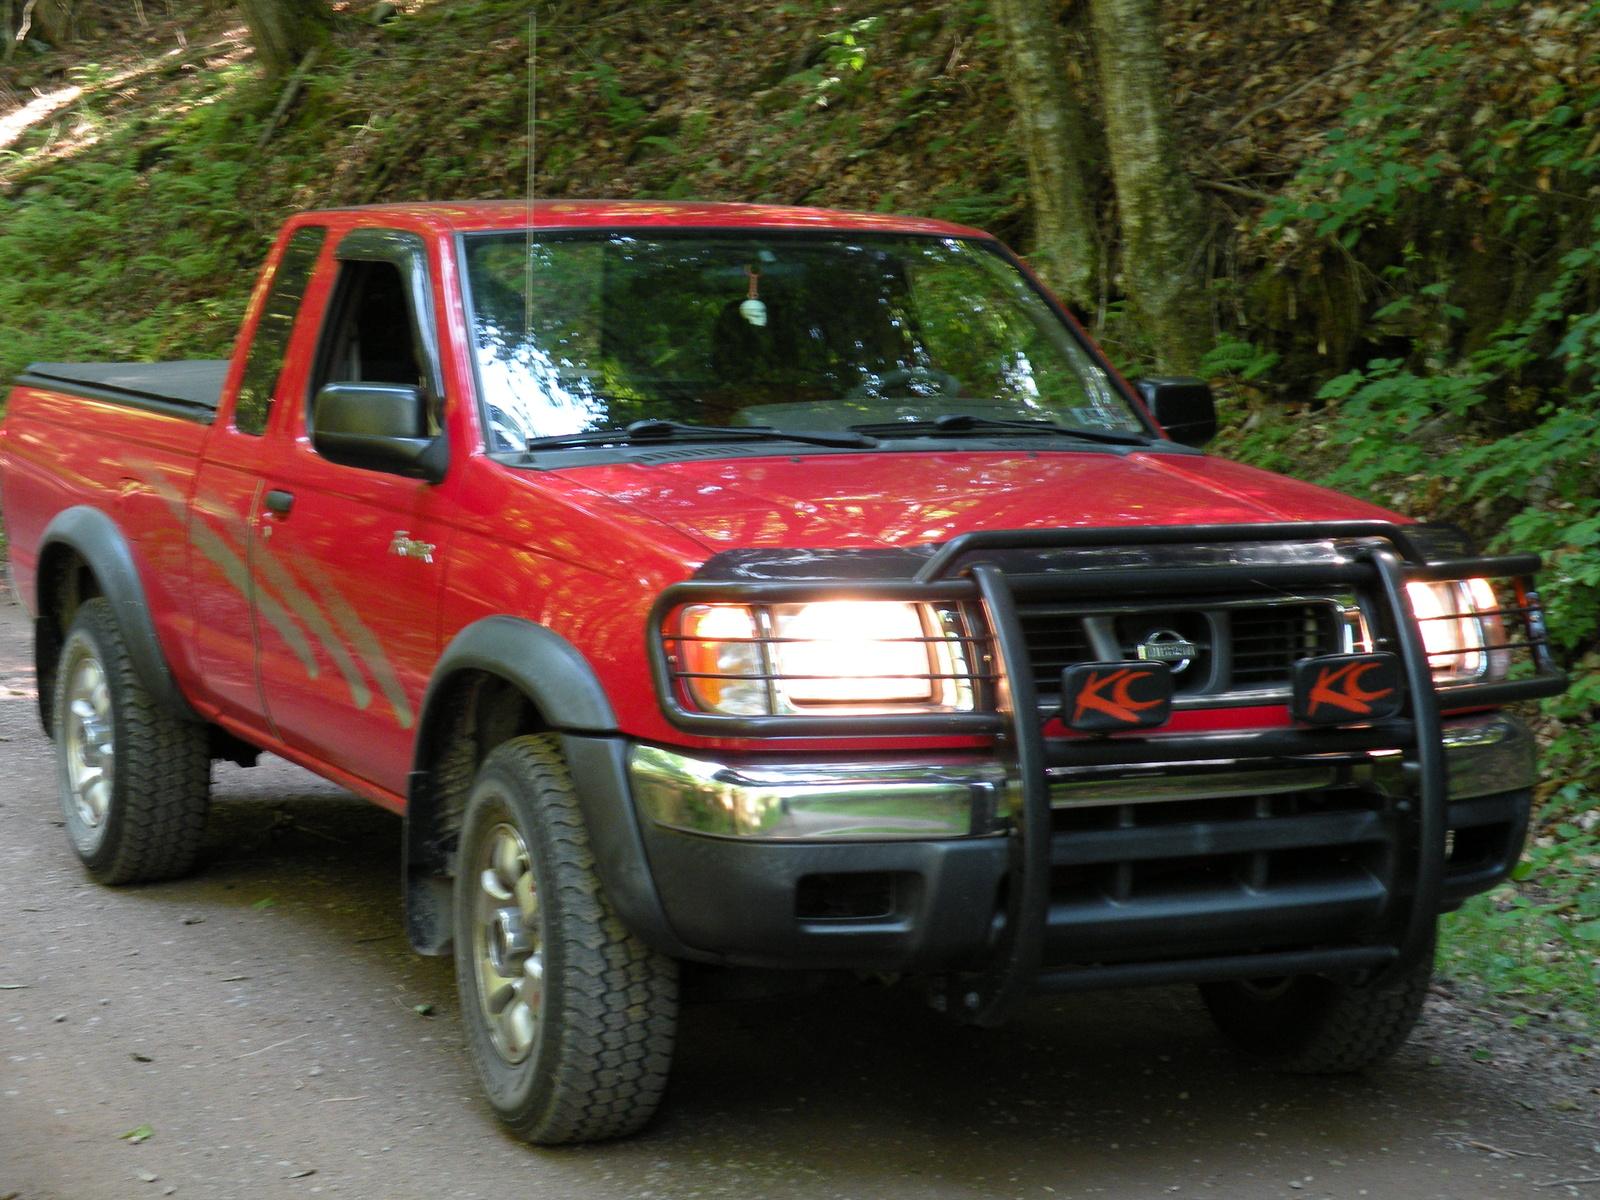 1998 Nissan Frontier #10 Nissan Frontier #10